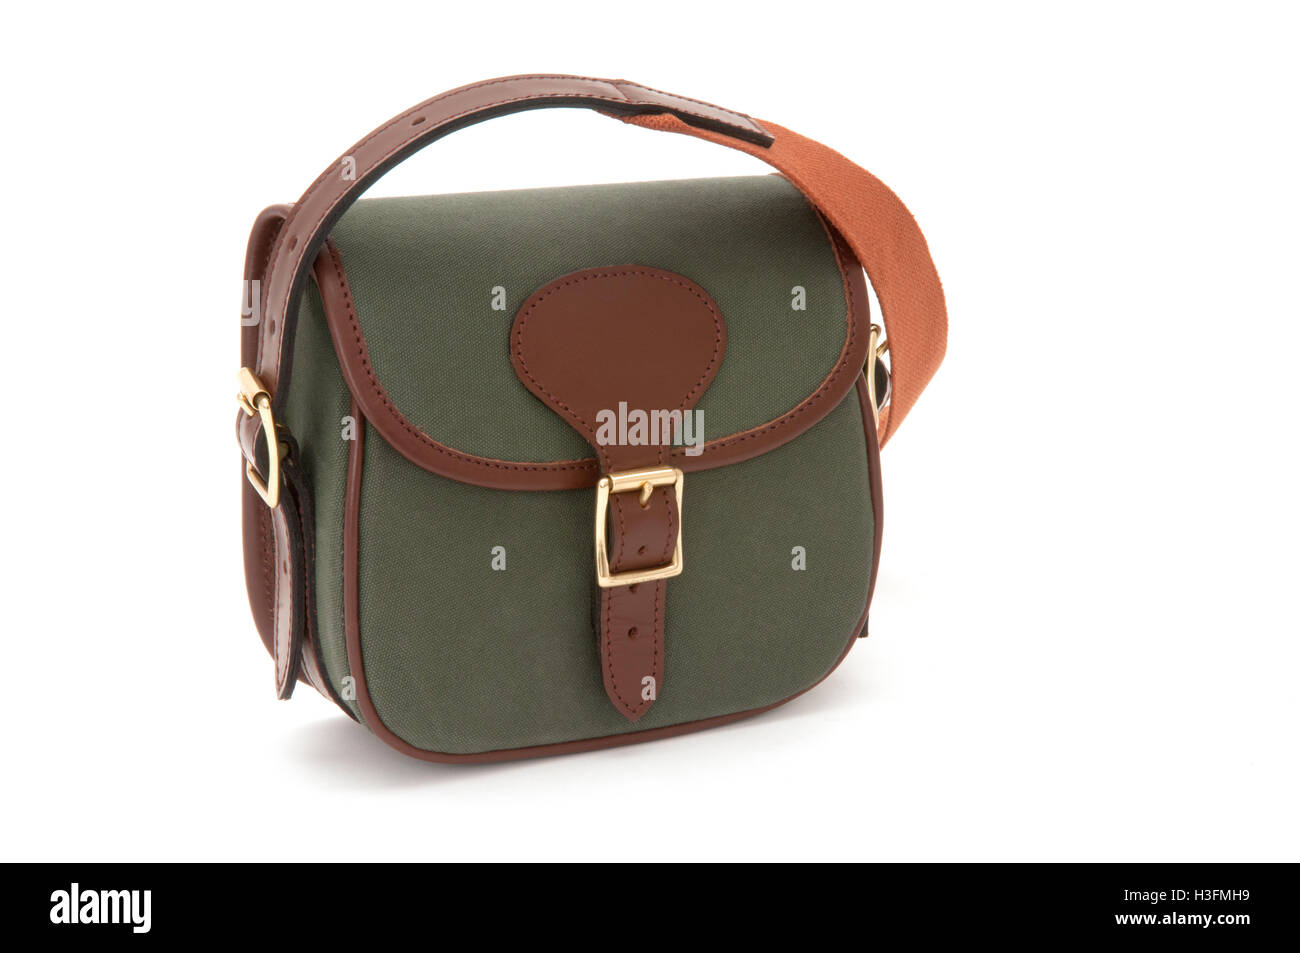 Cutout of green cotton canvas handbag or purse - Stock Image